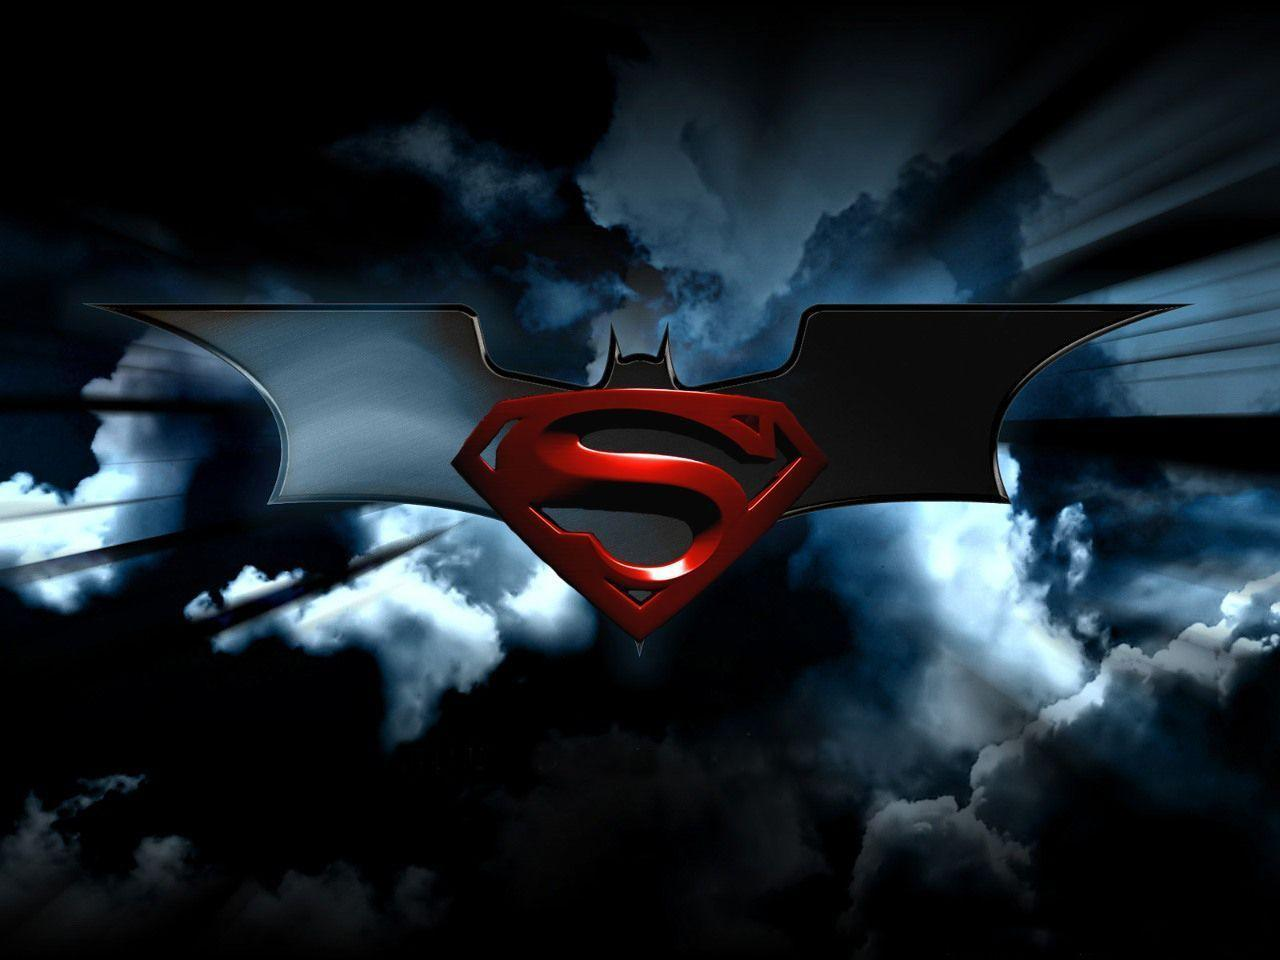 Superman Logo Wallpapers 2017 - Wallpaper Cave |Batman Superman Logo Wallpaper